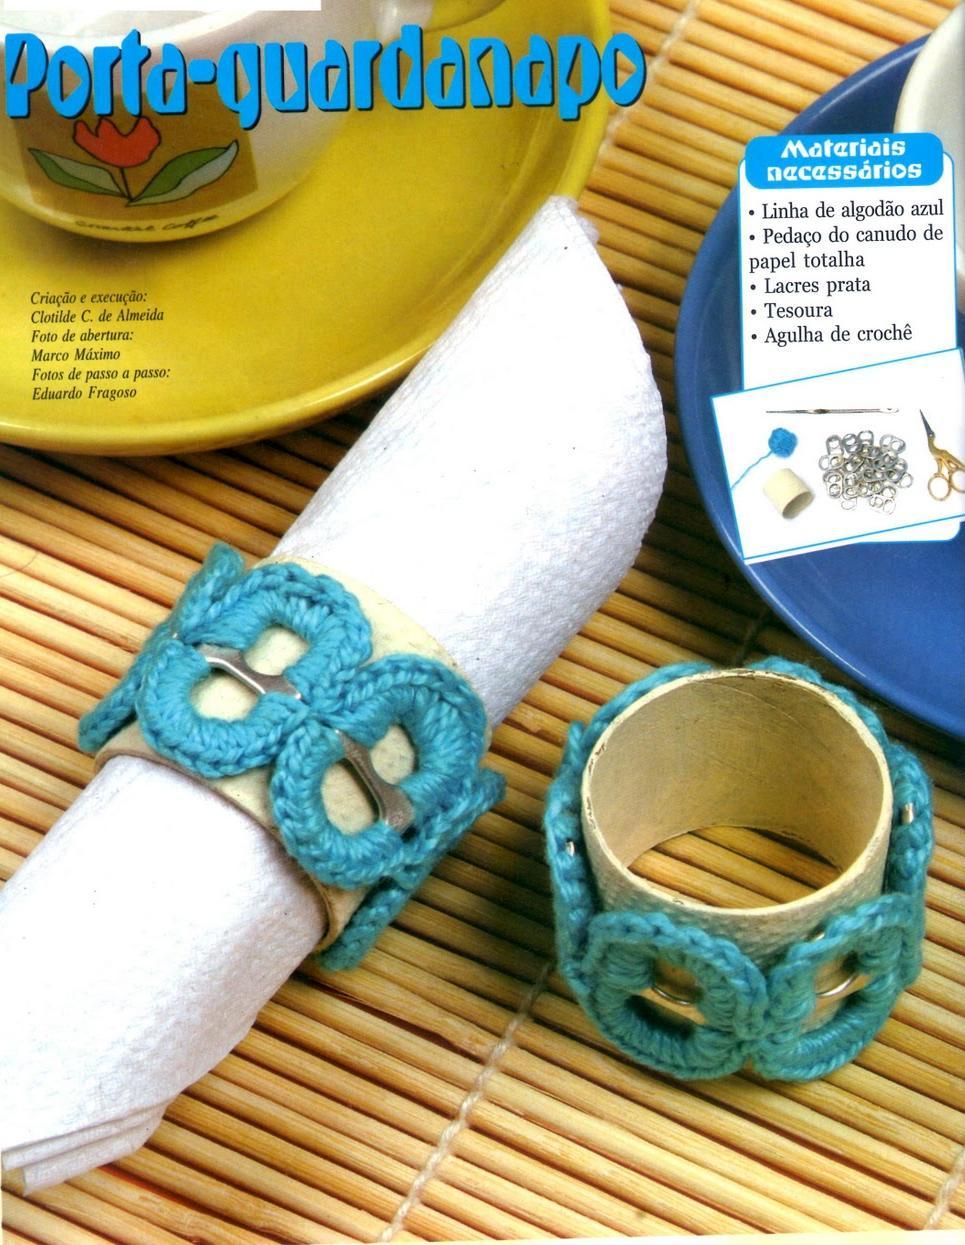 Diy Rond De Serviette diy : rond de serviette languettes au crochet - le monde-creatif